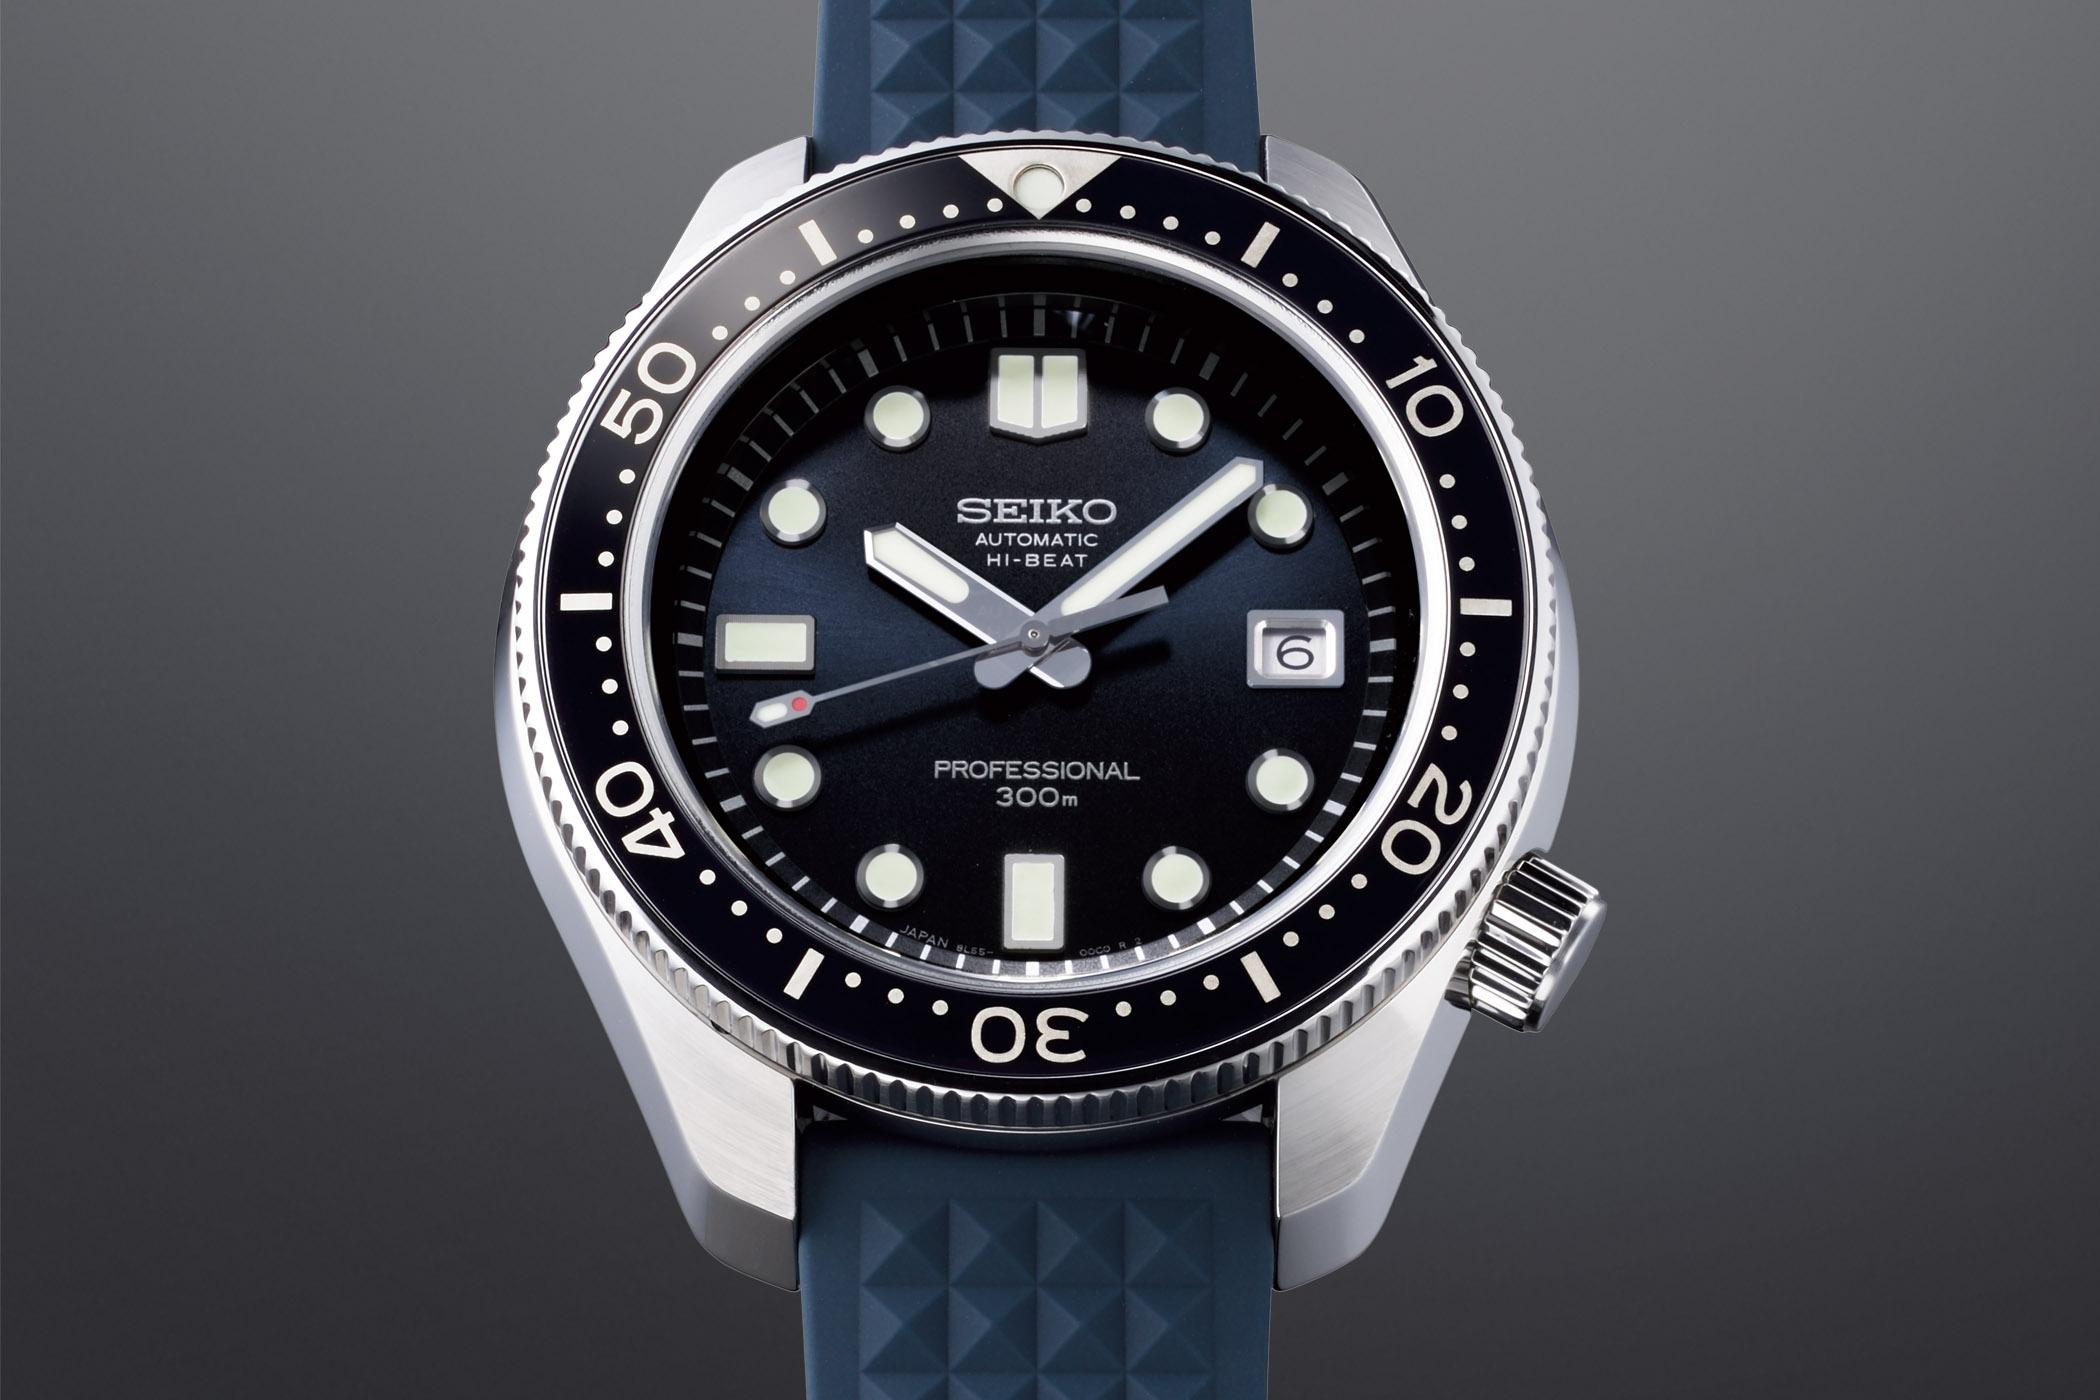 Seiko Prospex Diver 55th Anniversary Re-Edition - 1968 Hi-Beat Diver SLA039